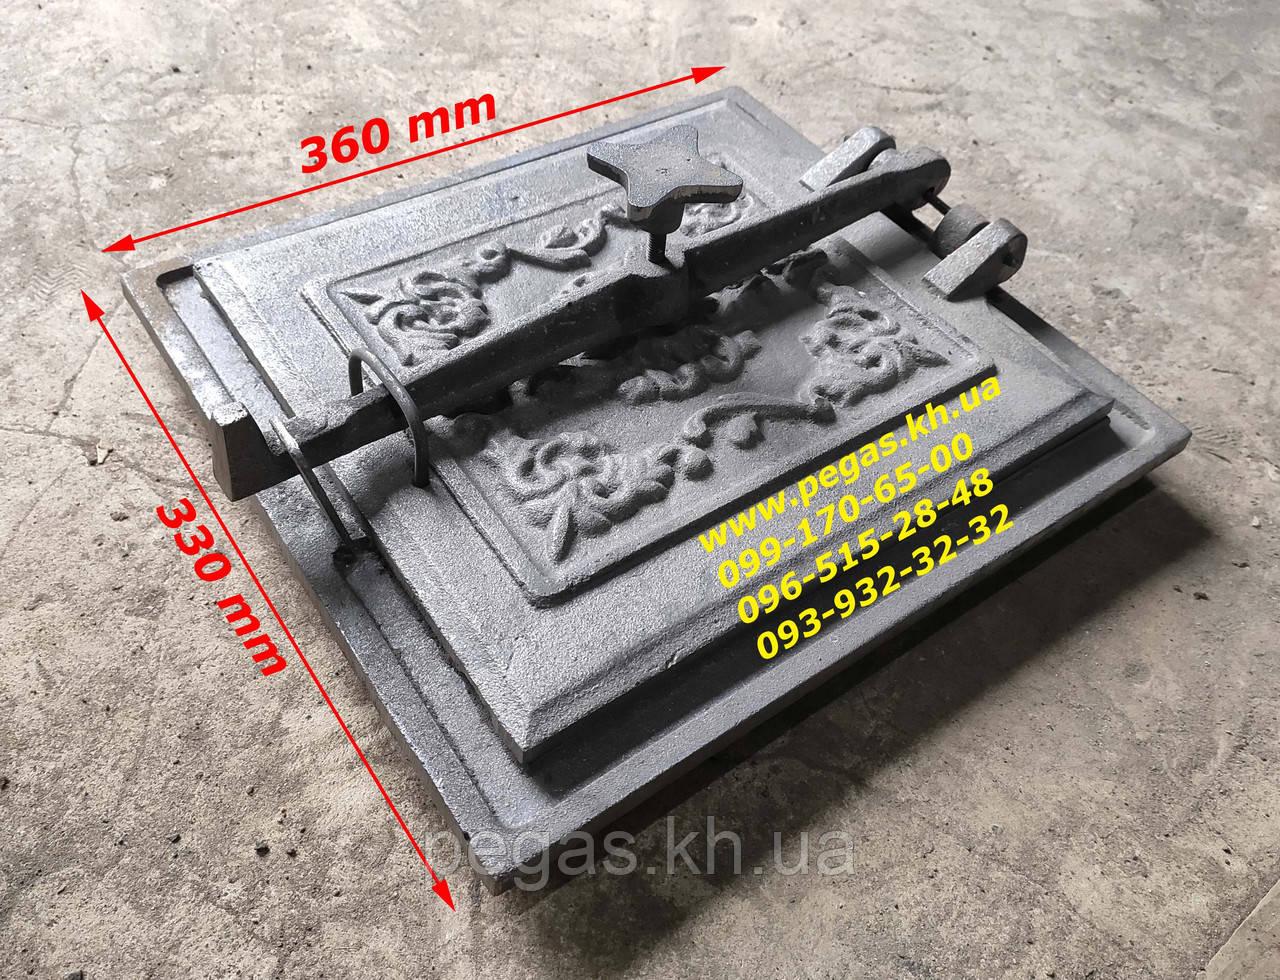 Дверка + отражатель чугунное литье (330х360 мм) грубу, барбекю, печи, мангал